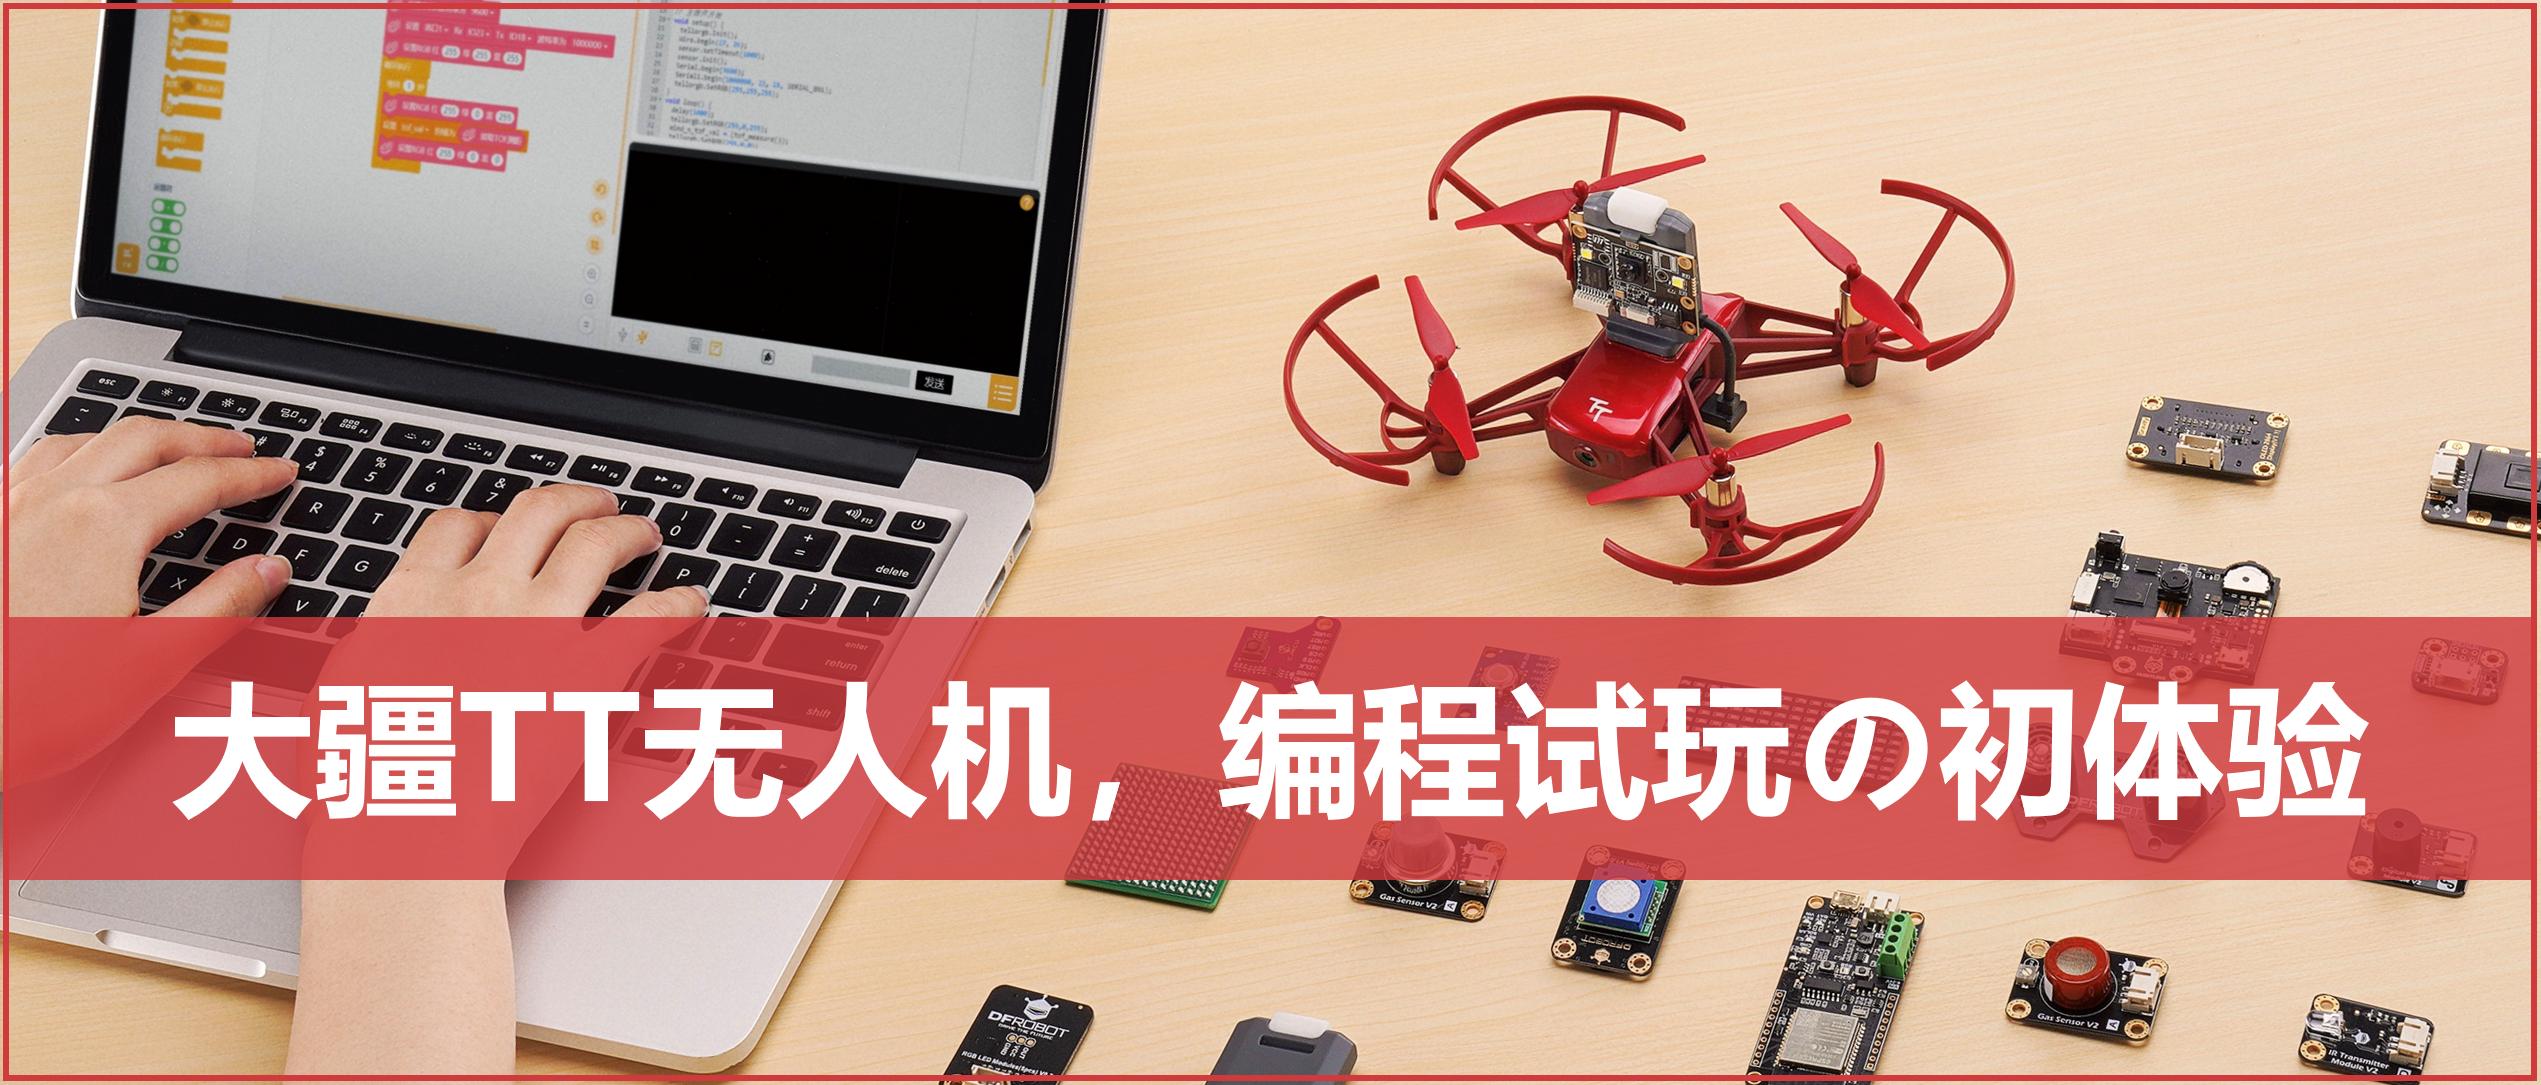 大疆TT无人机编程初体验,教你对拥抱开源的...